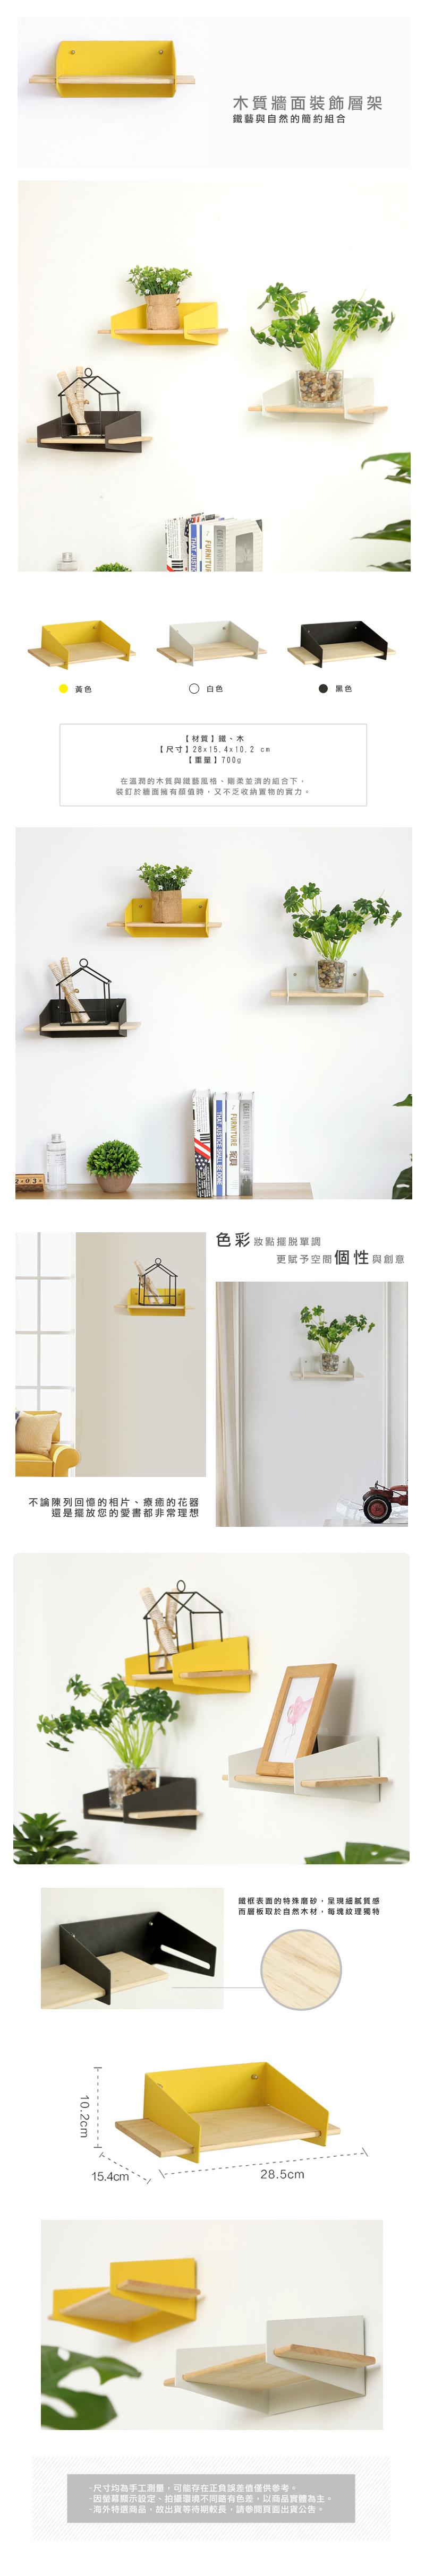 木質牆面裝飾層架